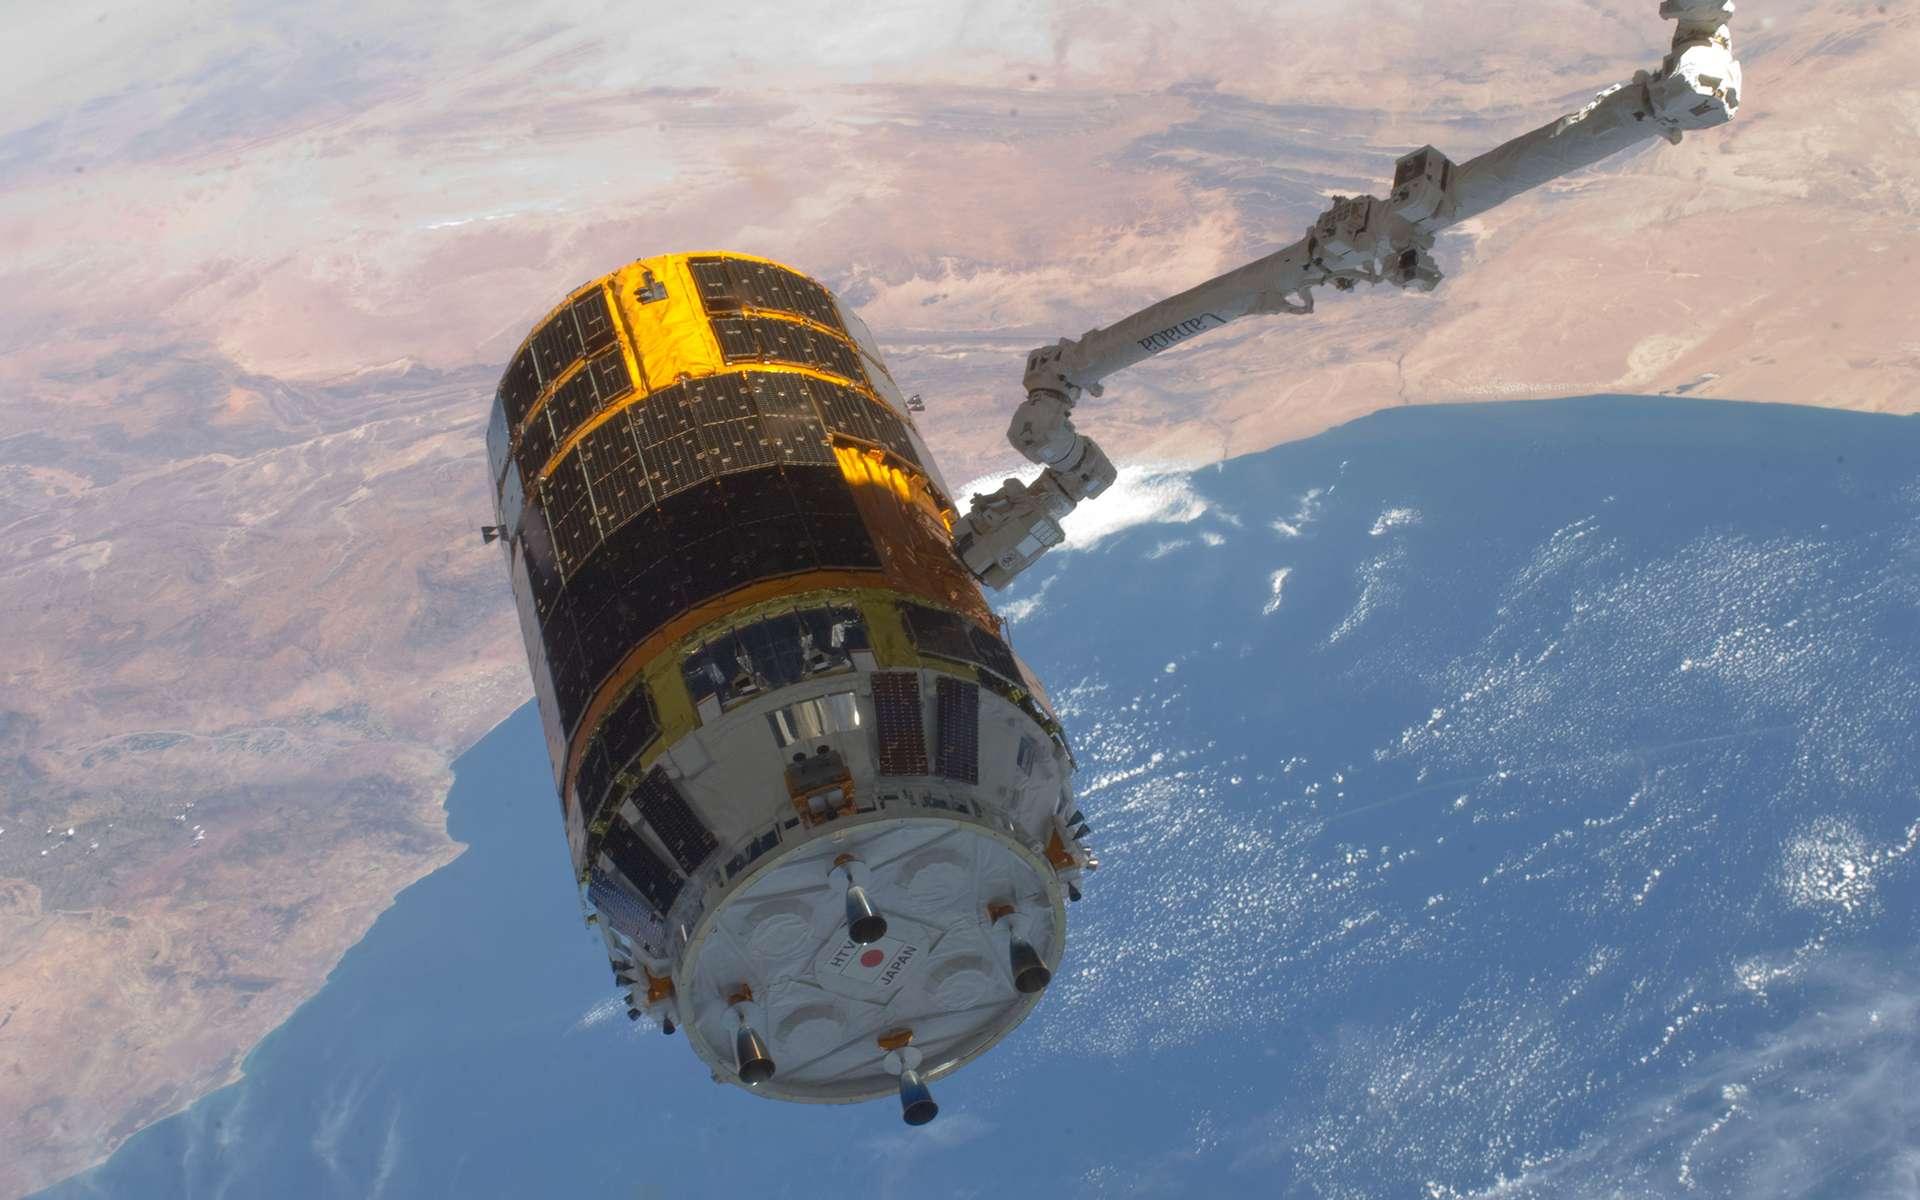 Le véhicule de transfert H-II Transfer Vehicle (HTV) est un véhicule cargo automatique construit par le Japon. Il est aussi appelé Kounotori. Son rôle est d'approvisionner le segment nippon de la Station spatiale internationale. Si nécessaire, il peut également transporter du fret pour les autres partenaires de l'ISS. Le véhicule à l'image est l'HTV-3 lors de sa mission de ravitaillement du complexe orbitale en septembre 2012. © Nasa